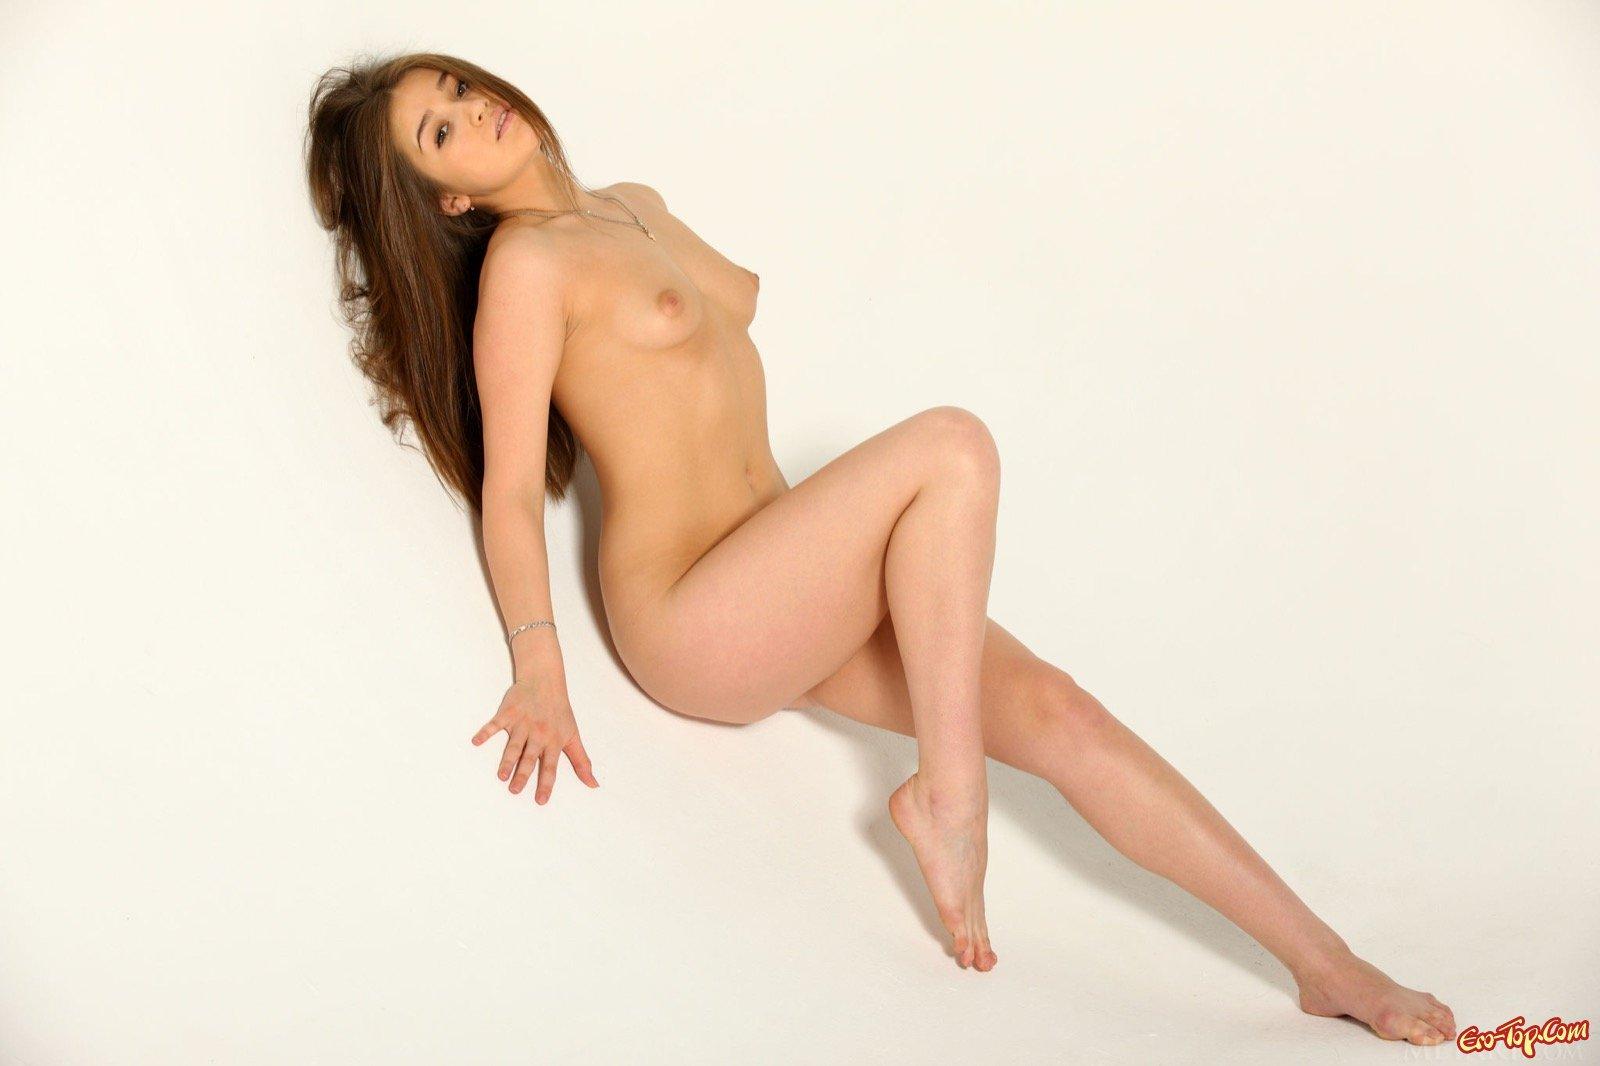 Обмазанная маслом девушка позирует голой